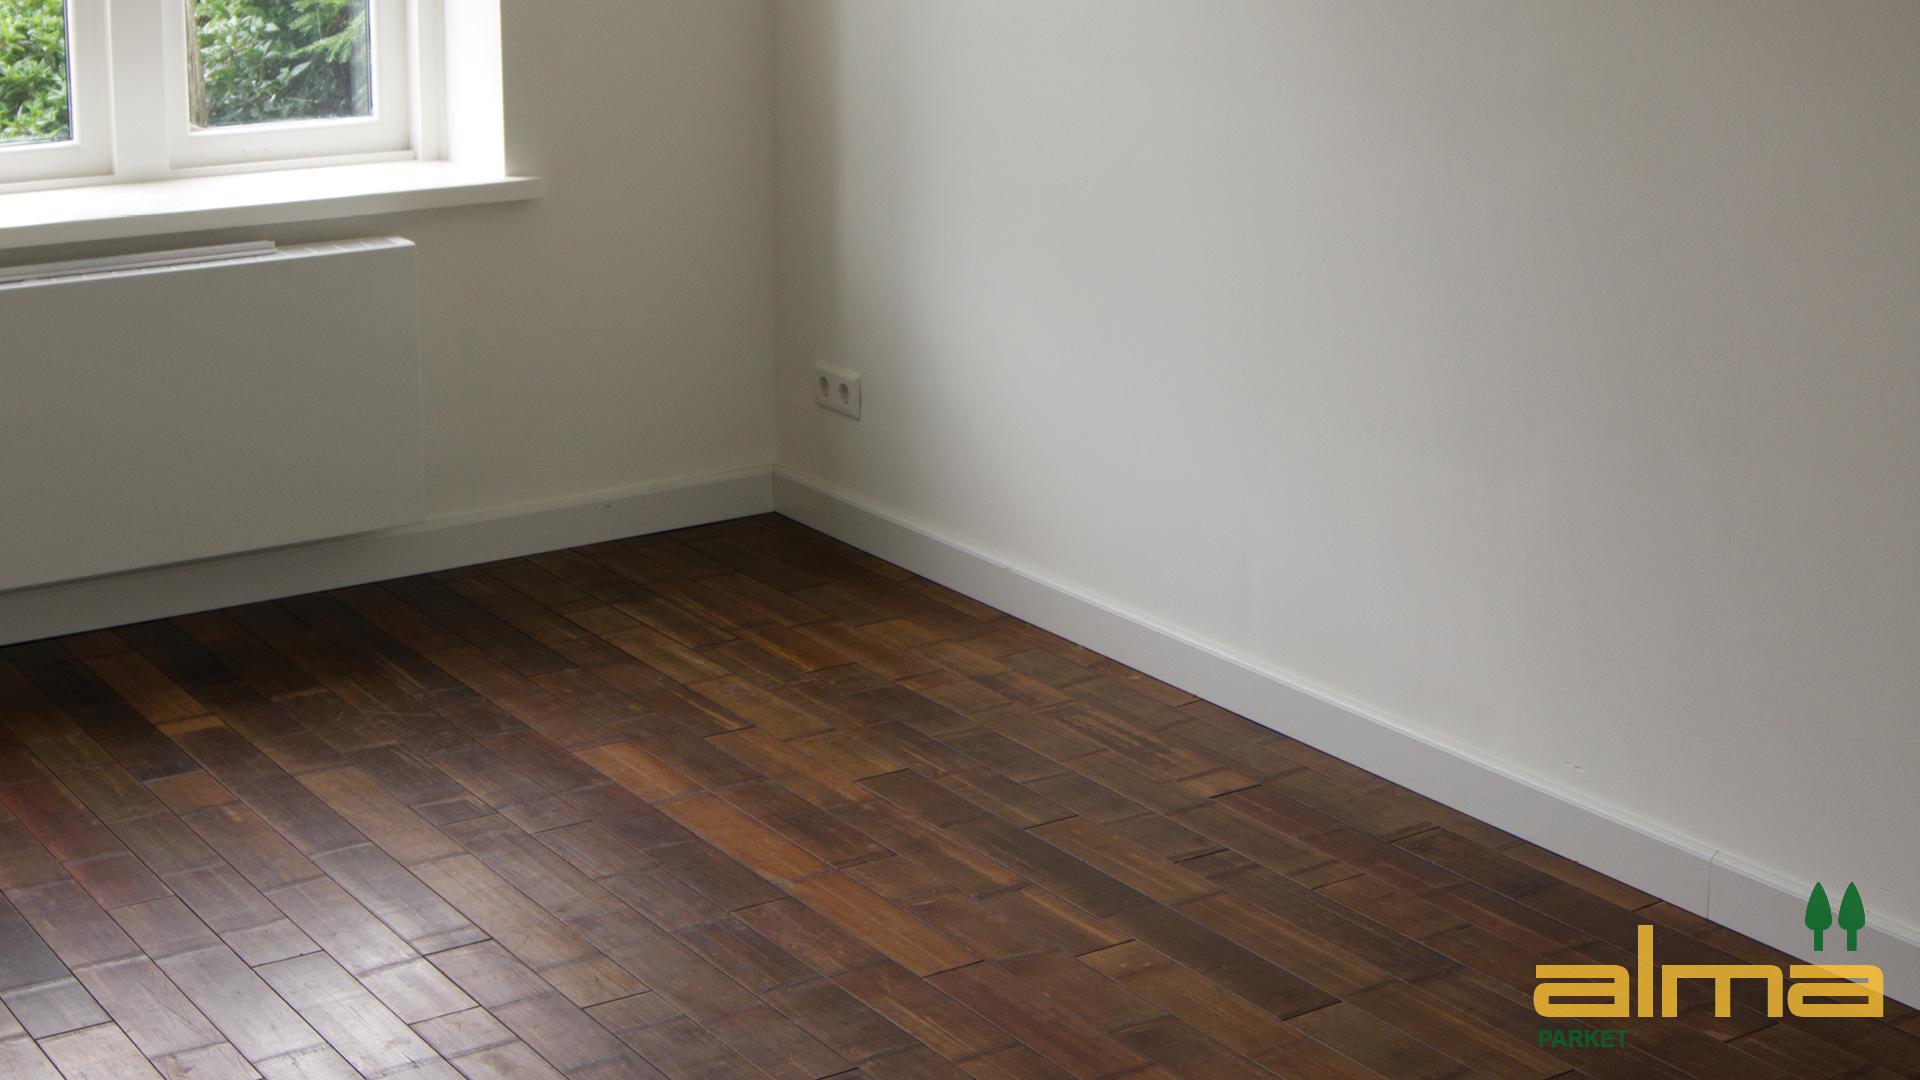 Bamboe Houten Vloer : Houtsoort bamboe forest stroken alma parket houten vloeren